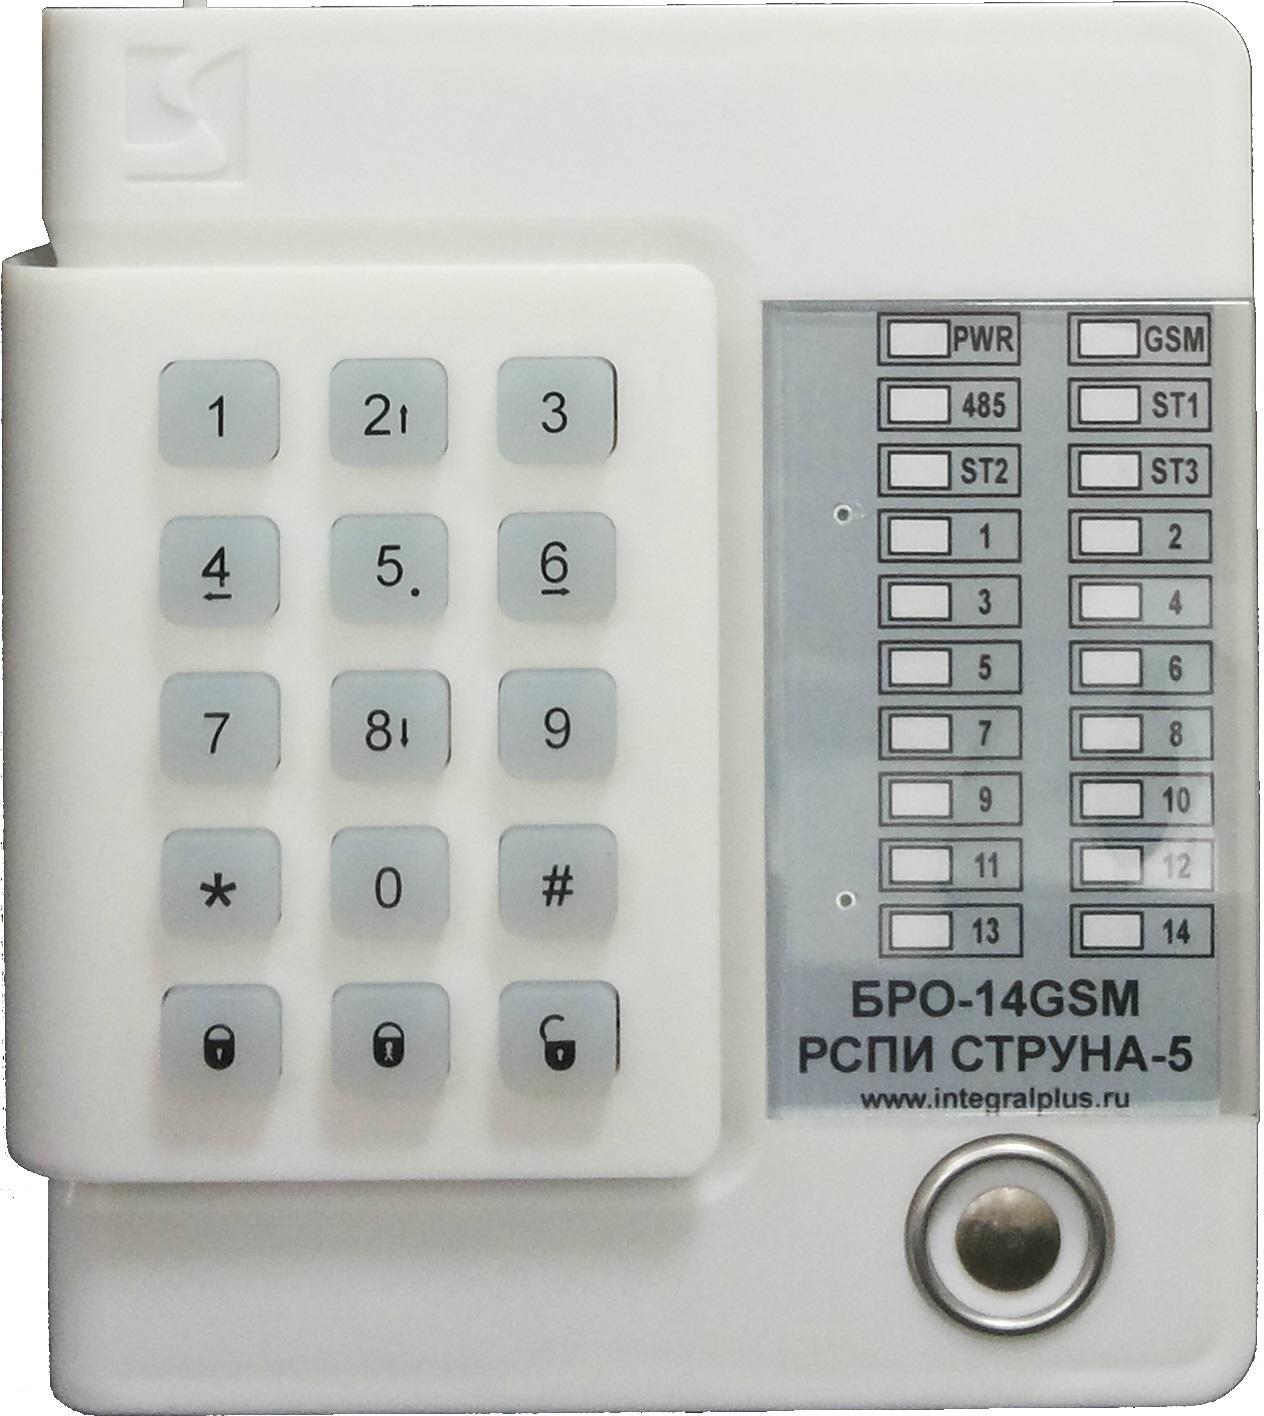 Охранная система струна 201 инструкция